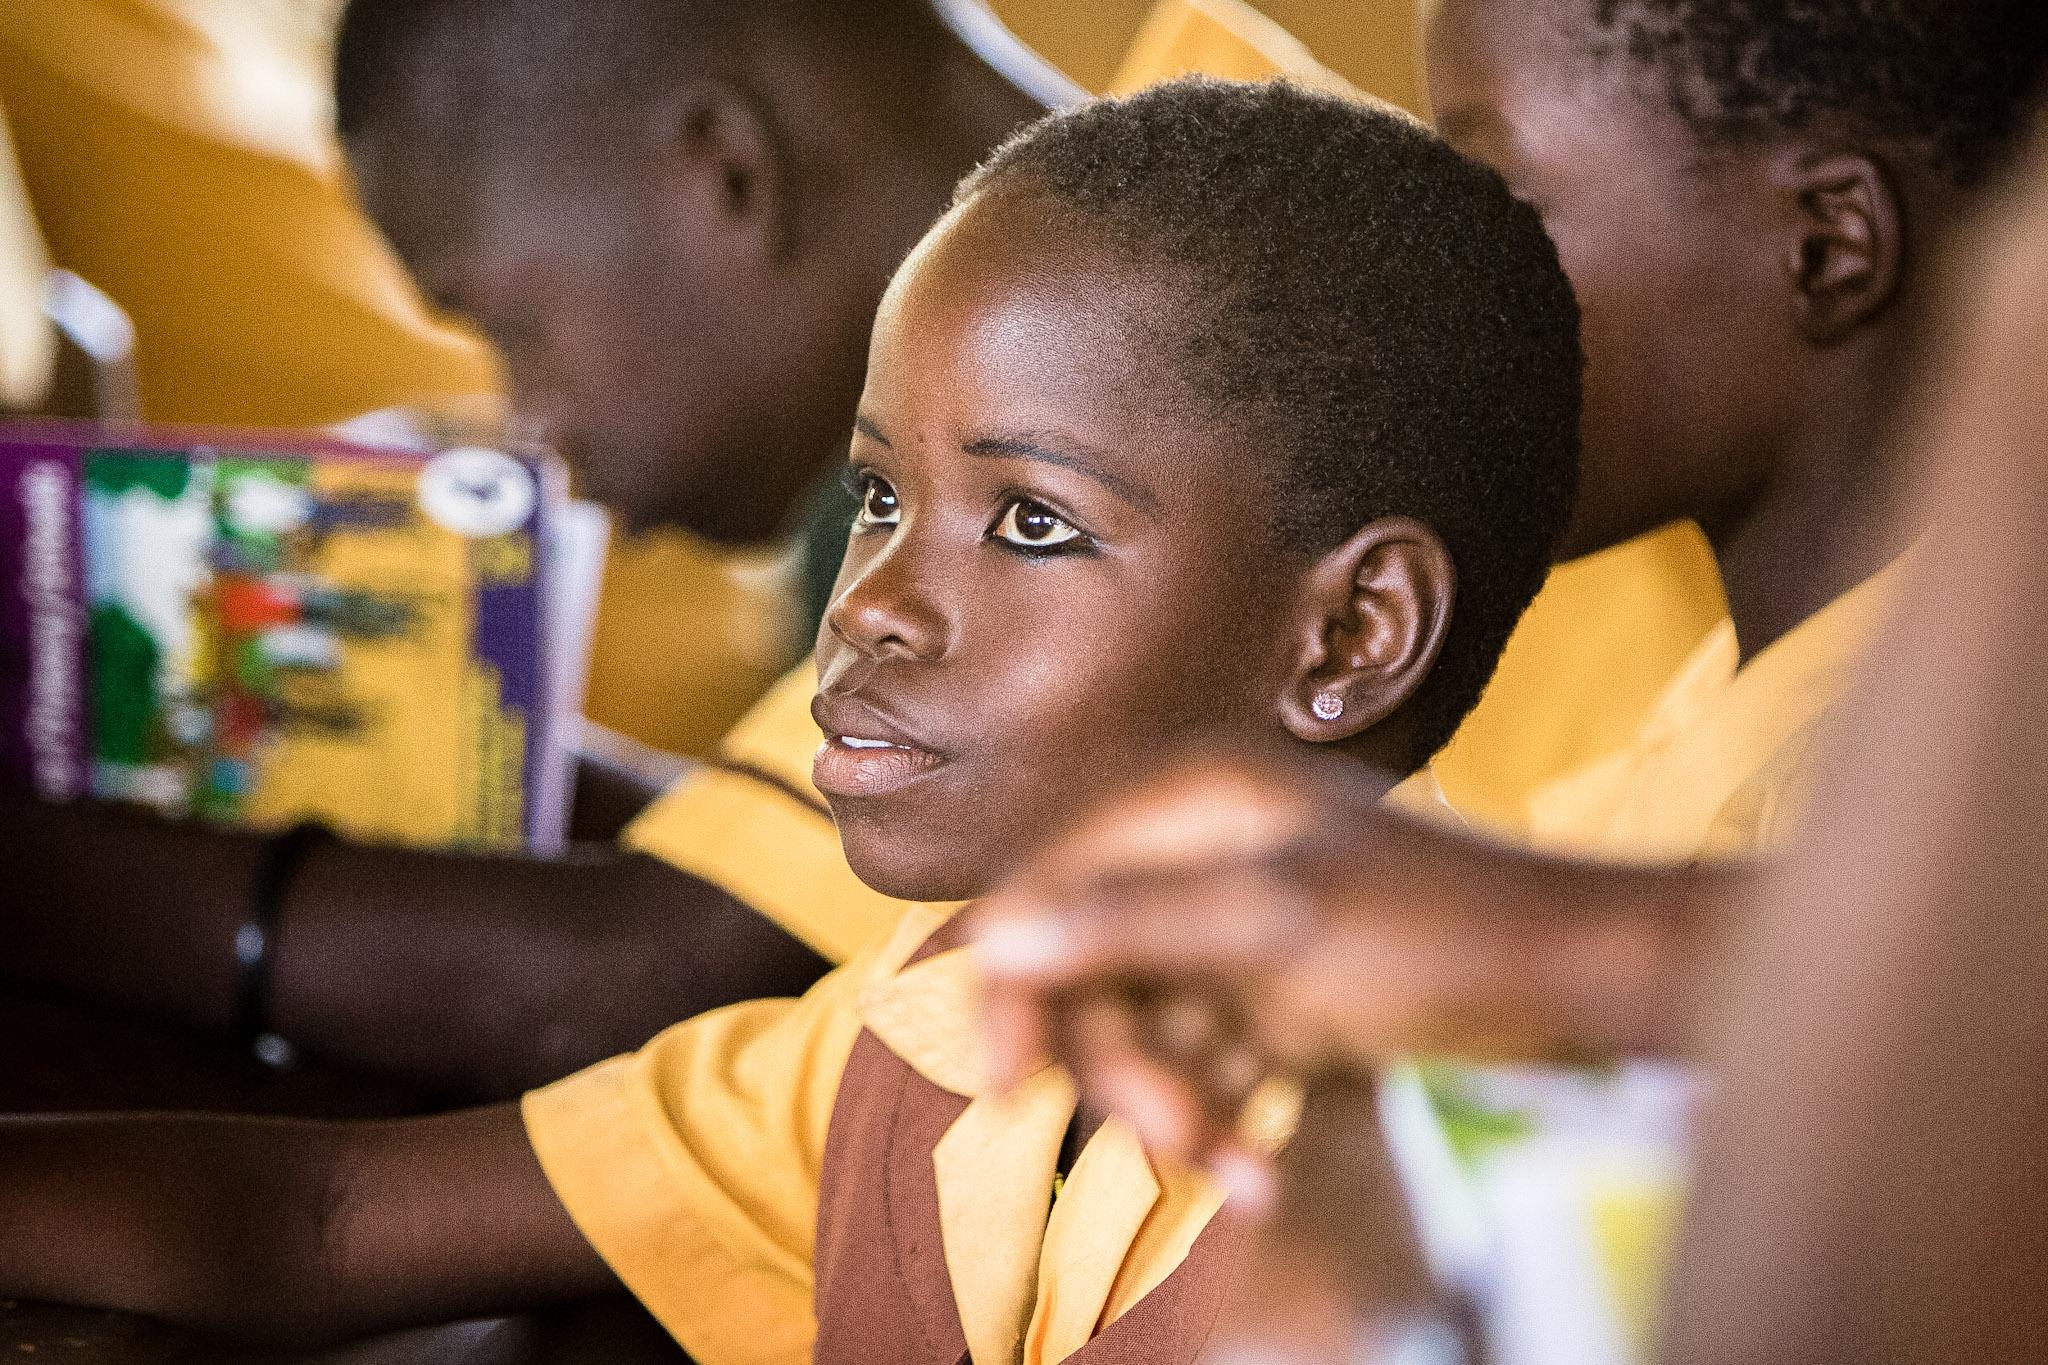 Adam Dickens 2017 - Hope for Children, Ghana 6454.jpg